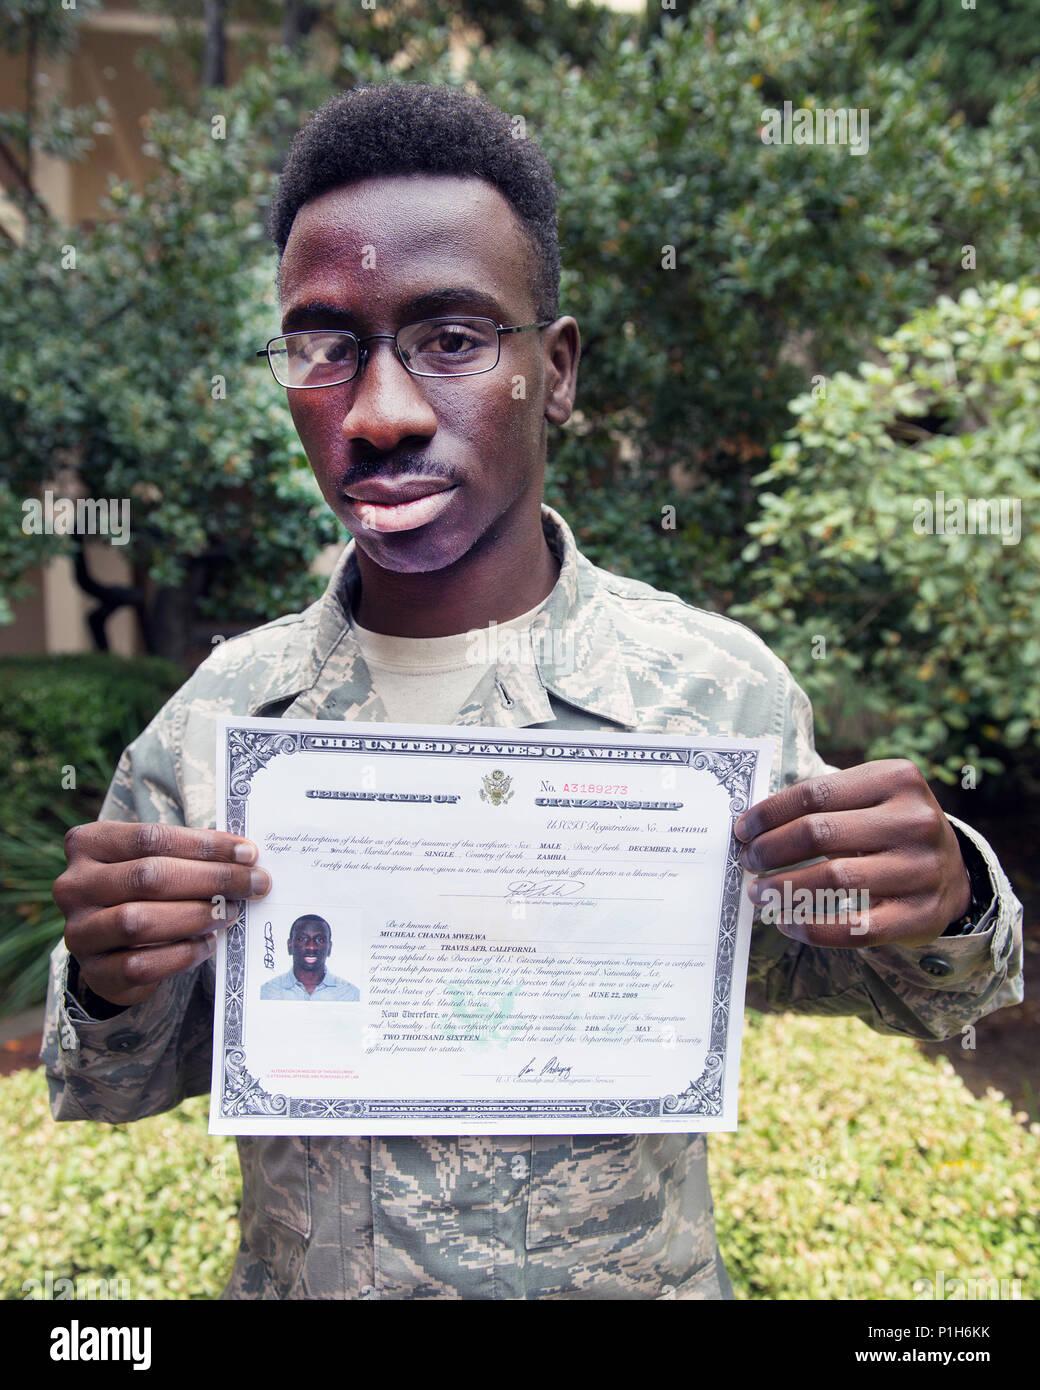 U S Citizenship Stock Photos & U S Citizenship Stock Images - Alamy